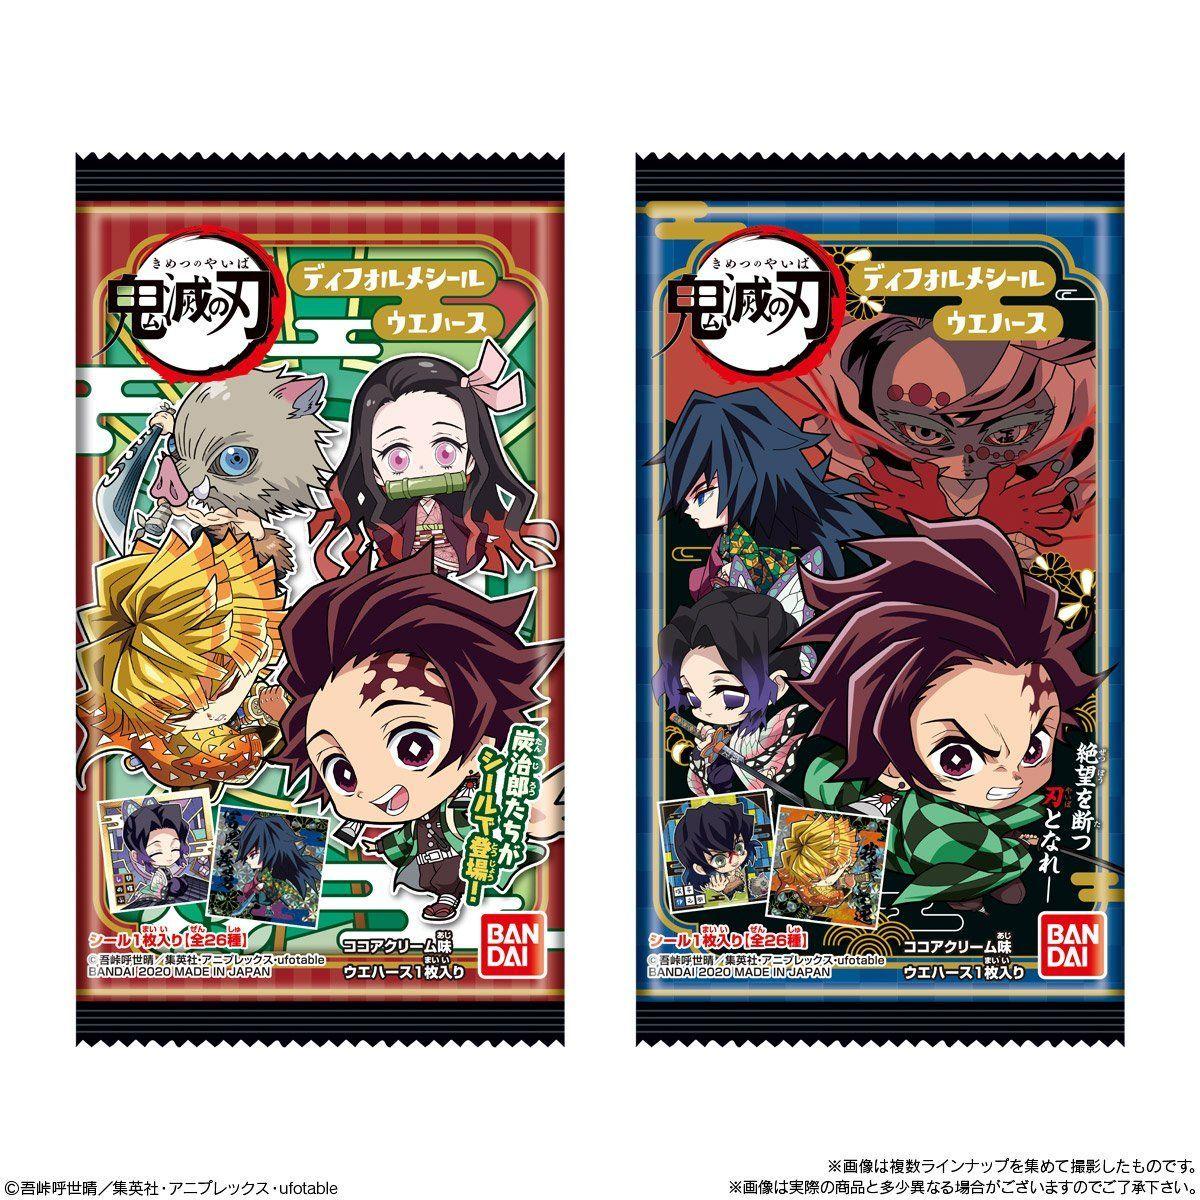 【食玩】鬼滅の刃『ディフォルメシールウエハース』20個入りBOX-006